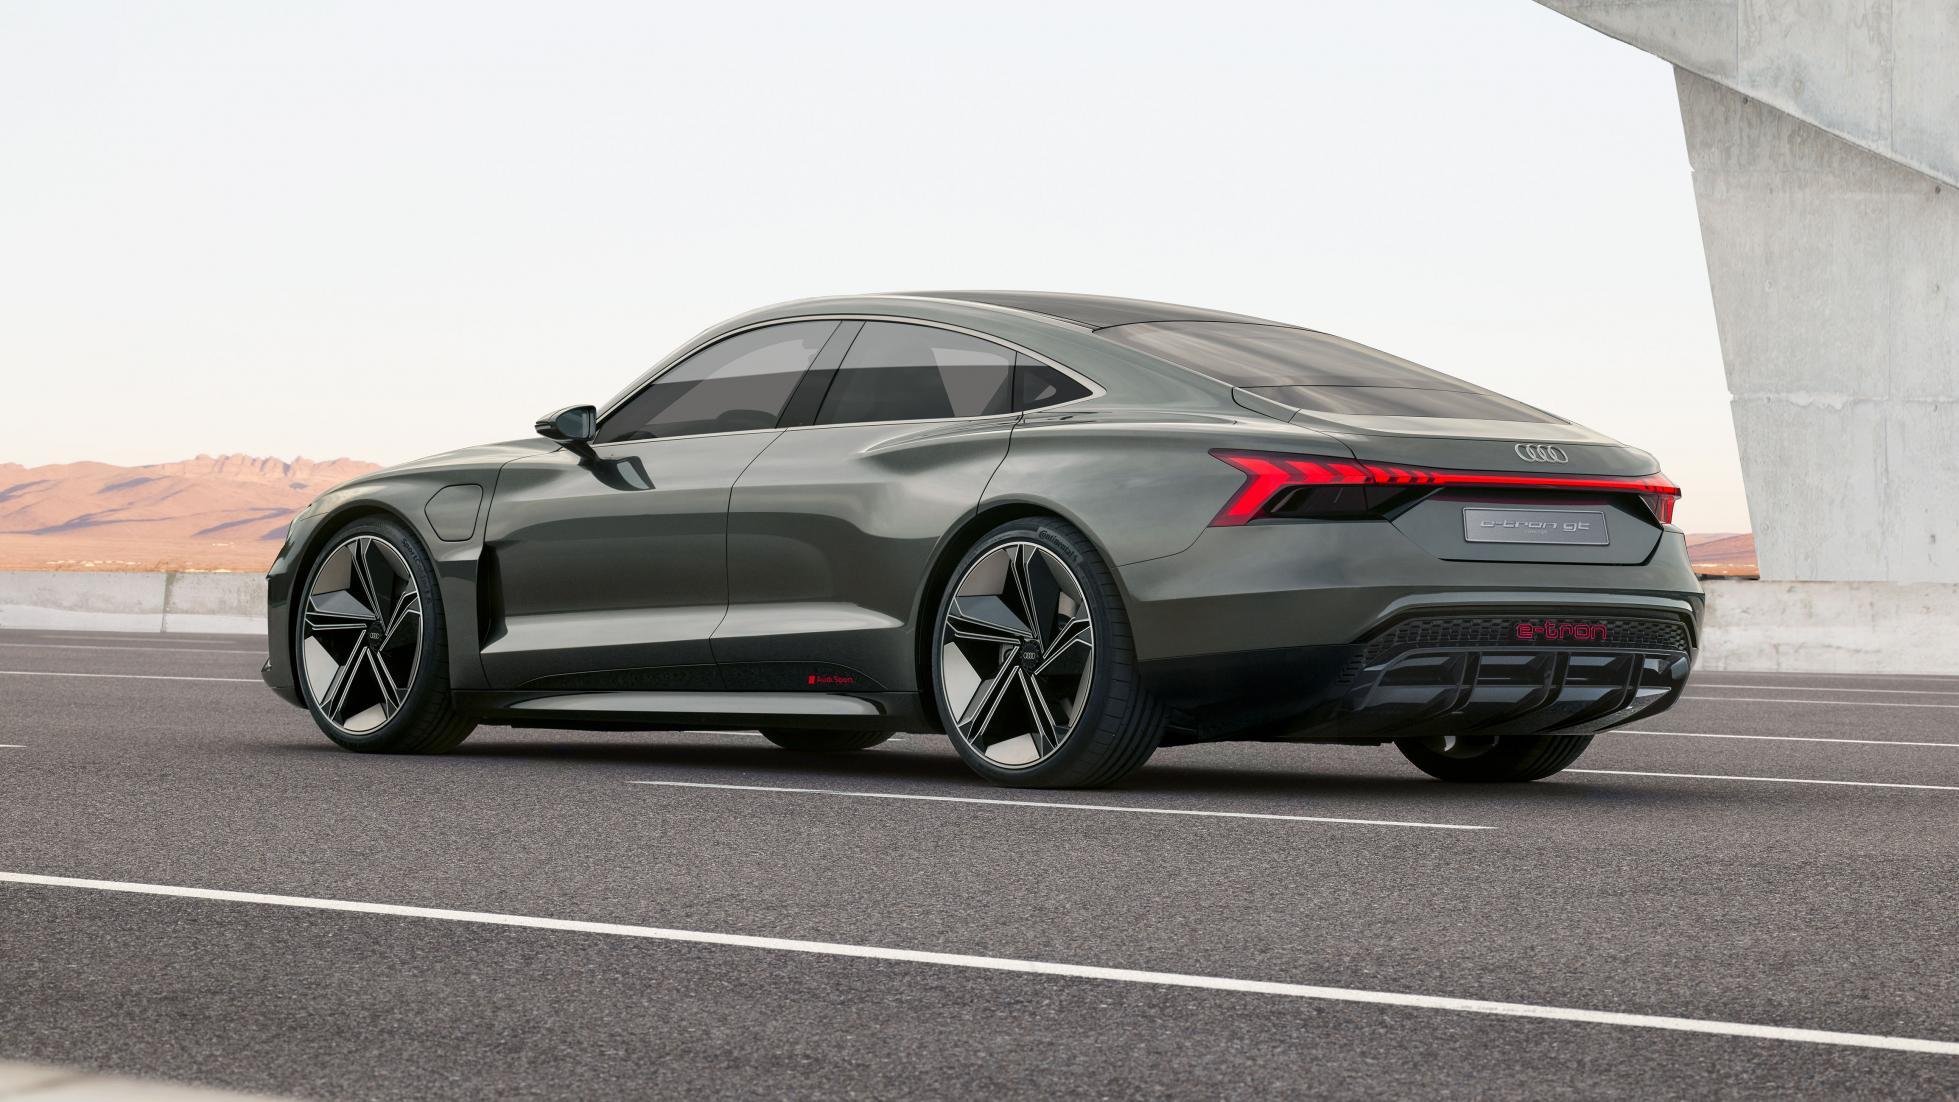 L'Audi e-tron GT est la cousine germaine de la Porsche Taycan - Galerie